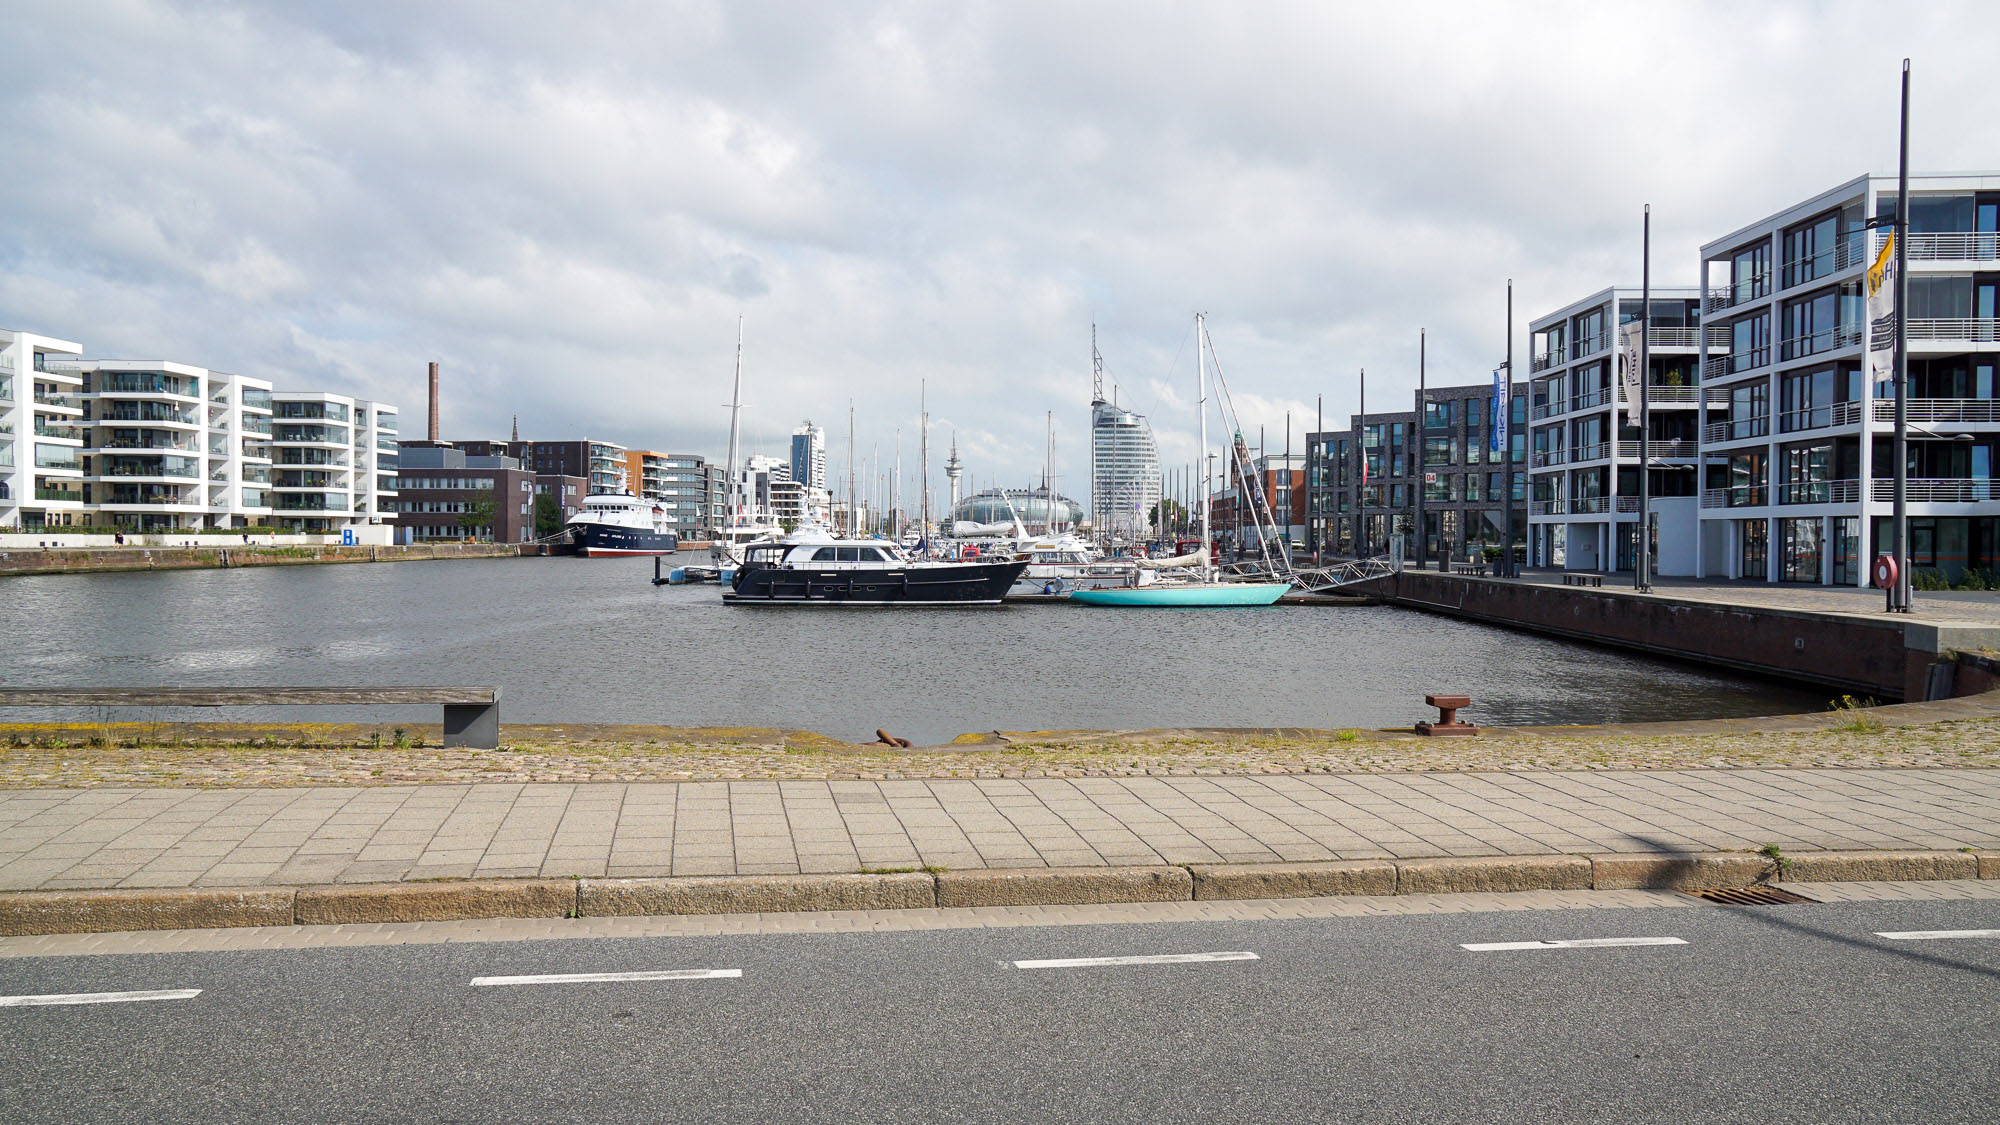 Blick auf ein von Neubauten umstandenes Hafenecken, Yachten